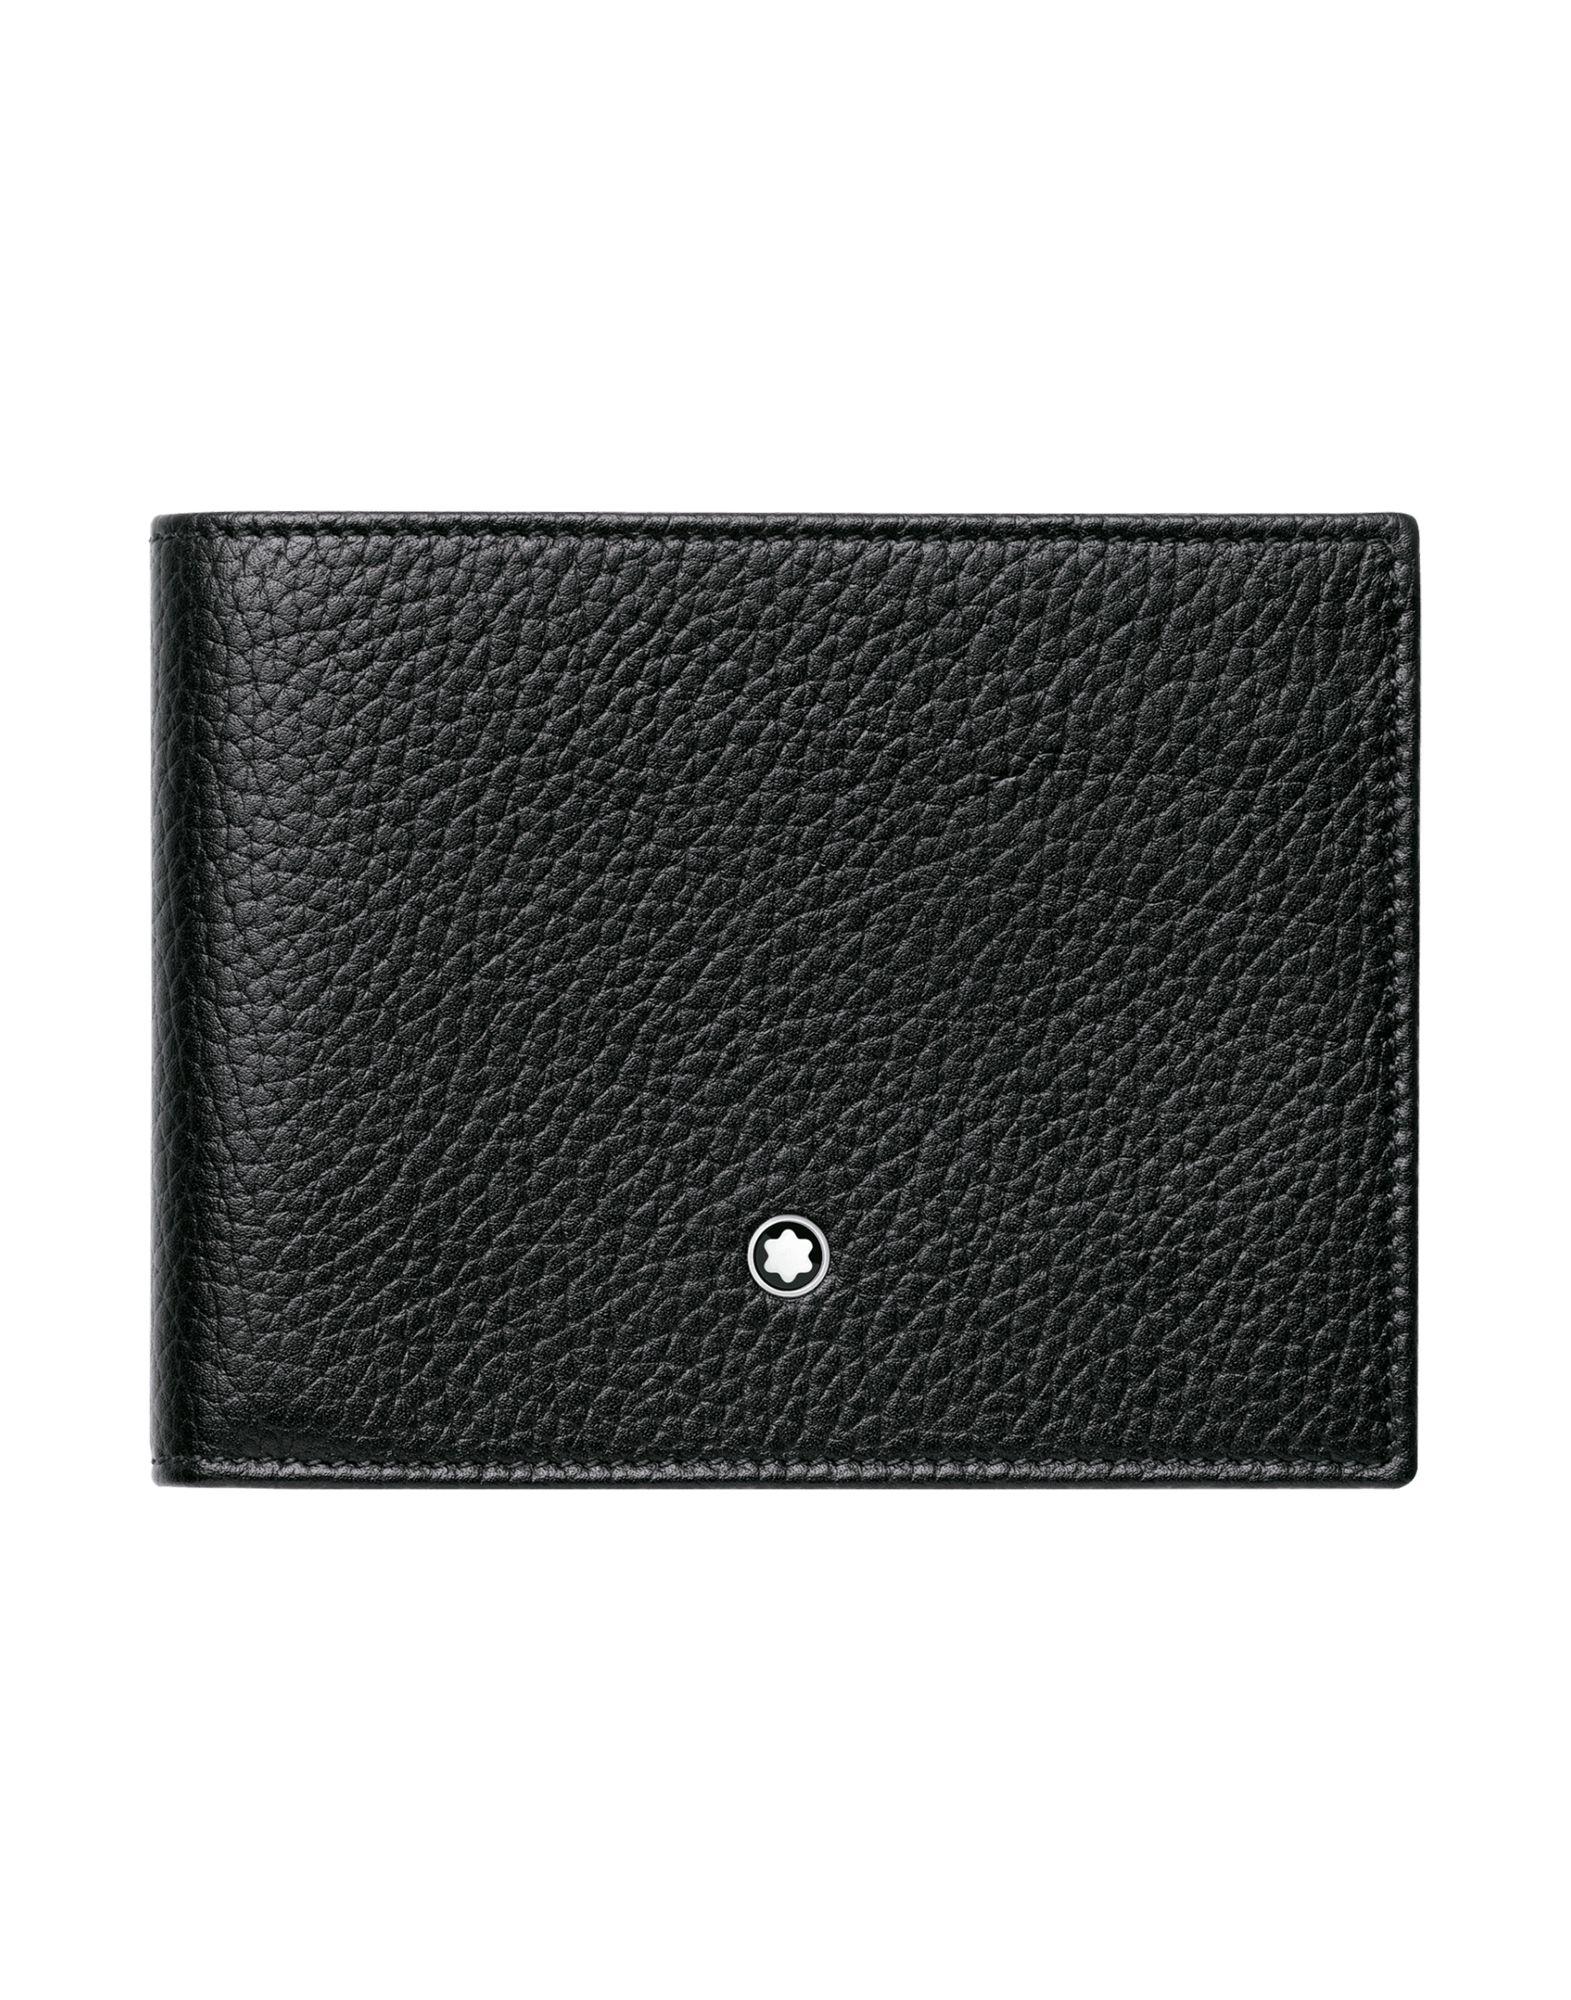 Portafoglio Montblanc Meisterstück Soft Grain Wallet 6Cc Black - Uomo - Acquista online su